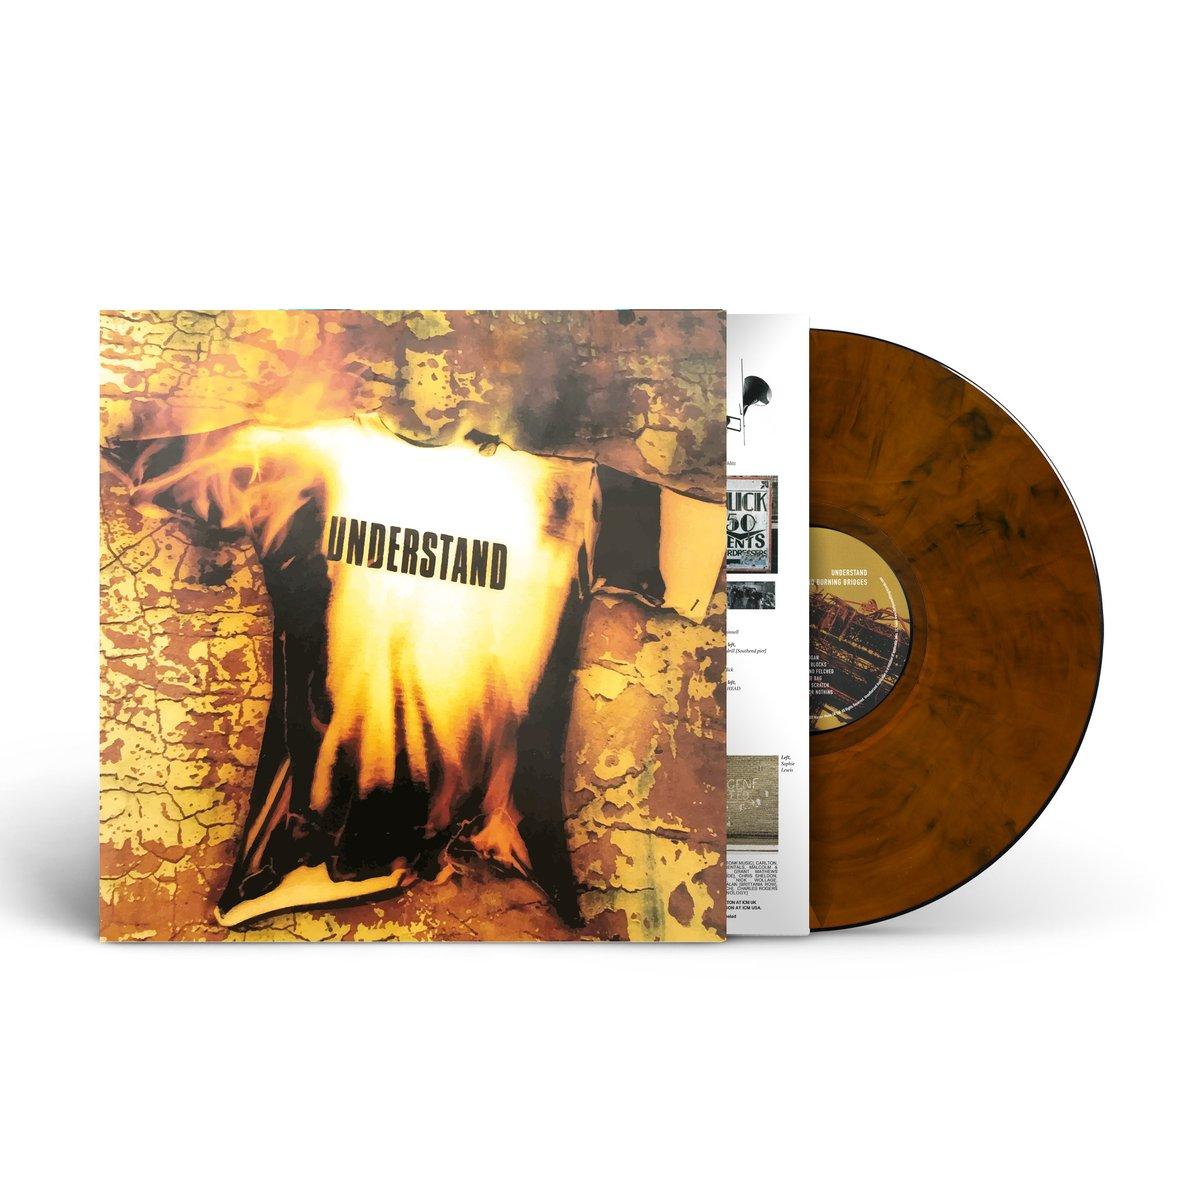 Image of Understand - Burning Bushes and Burning Bridges LP (Pre-Order)